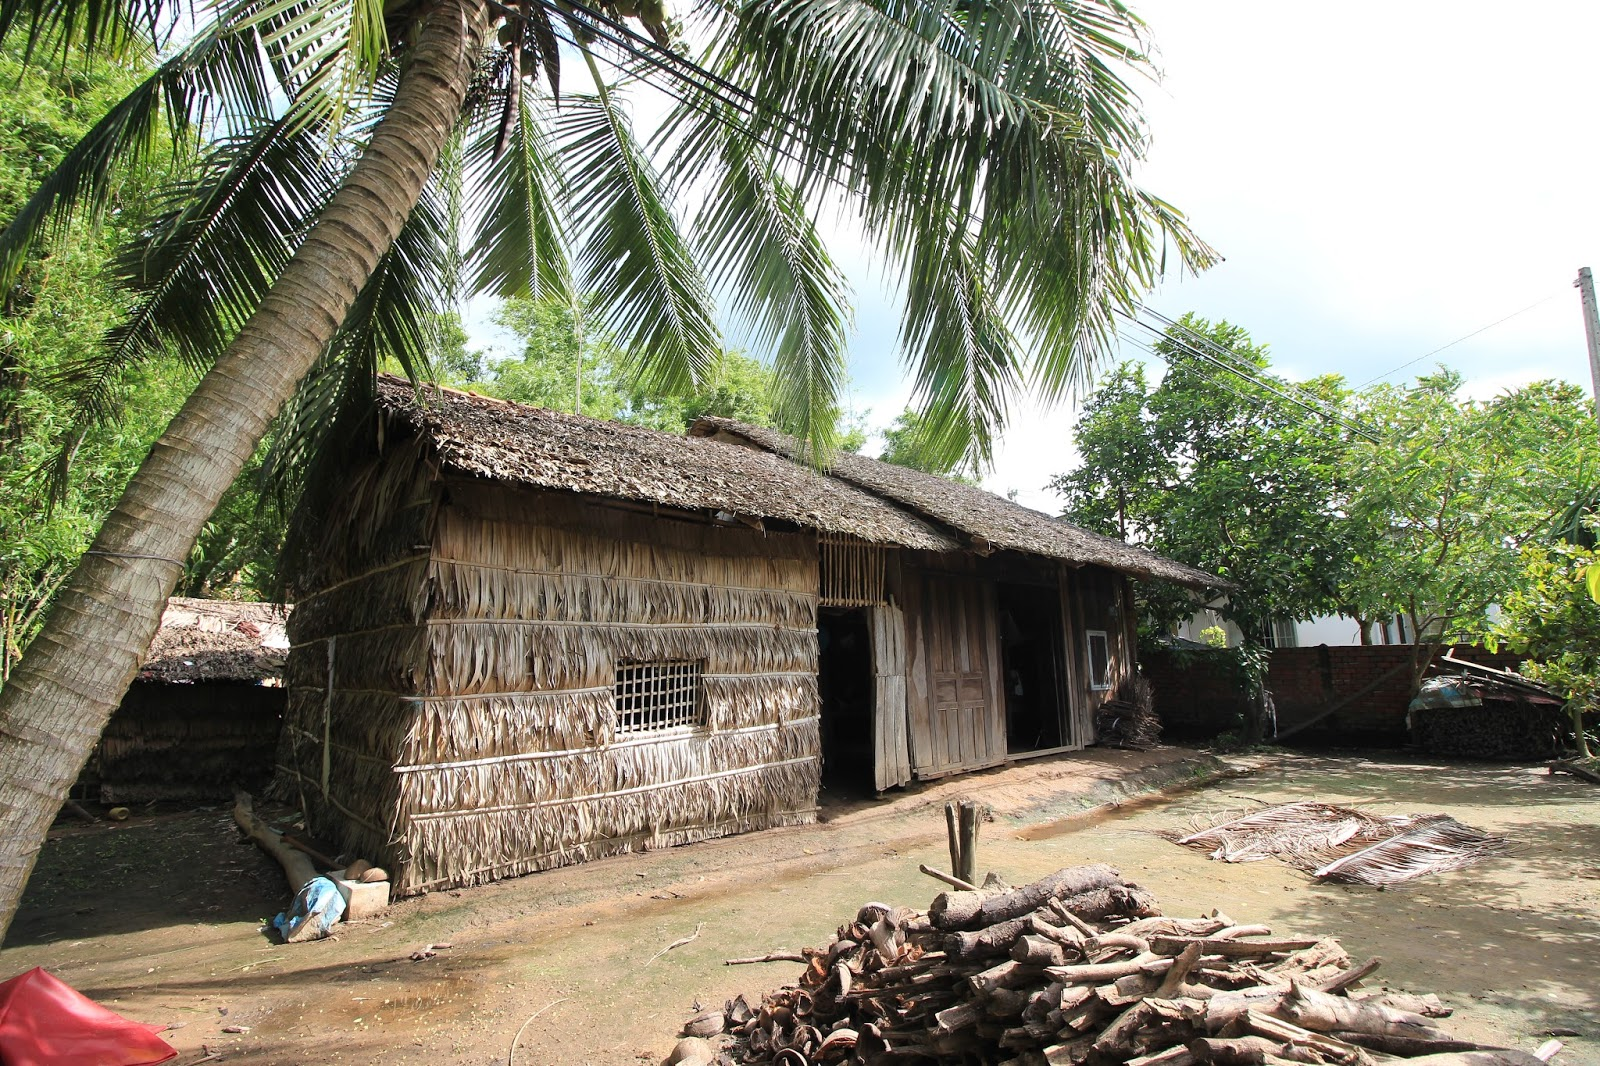 Kiến trúc mái nhà truyền thống ở Việt Nam